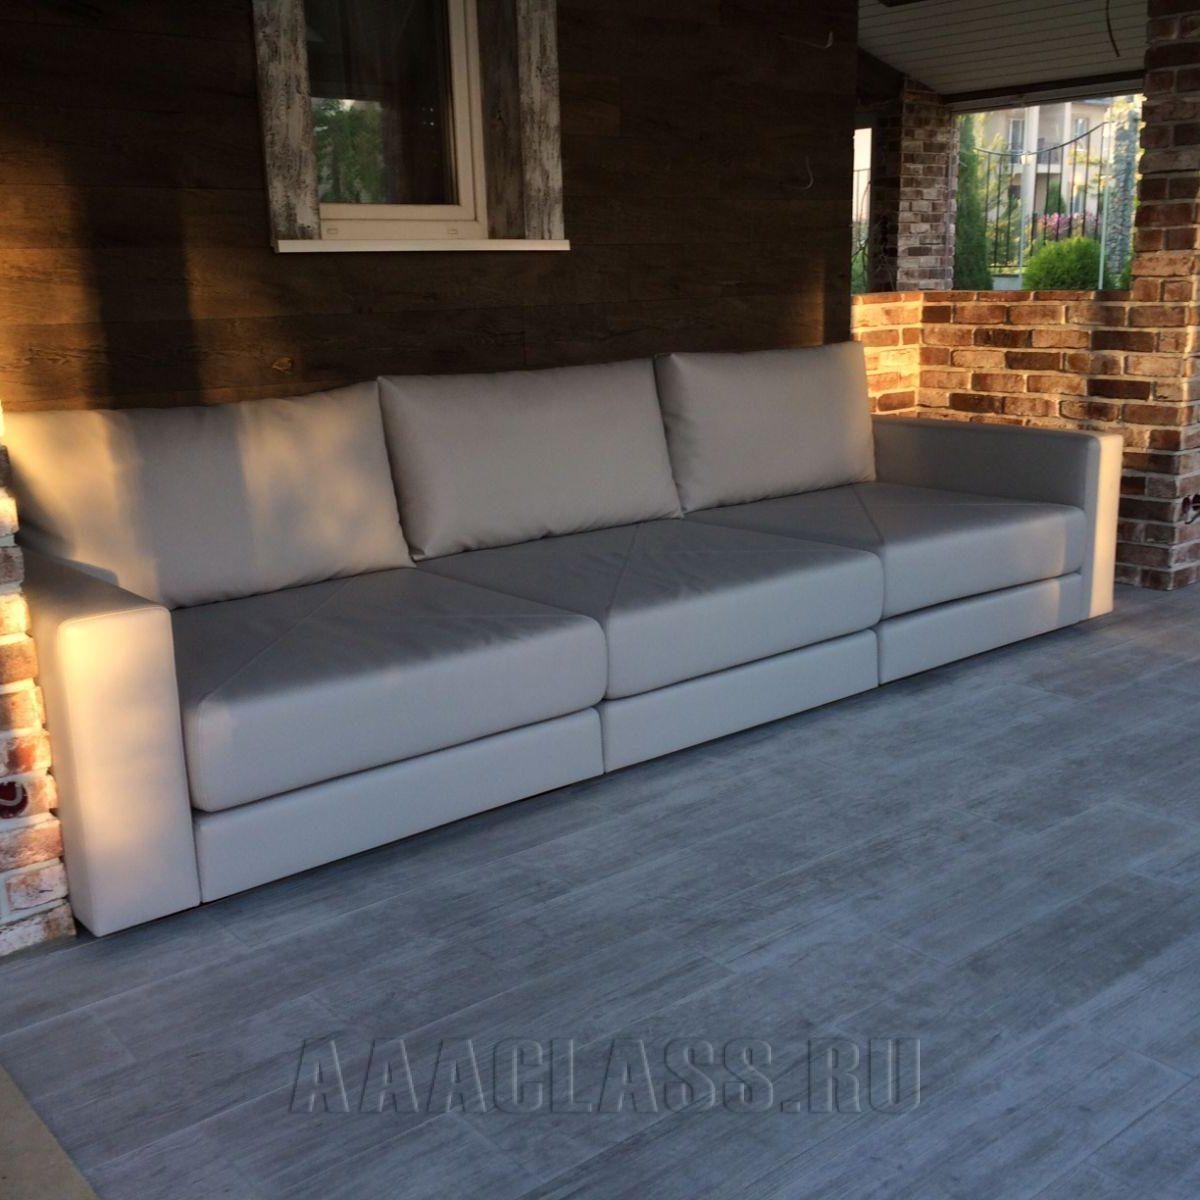 тканевой диван от производителя на заказ по индивидуальным размерам в Москве